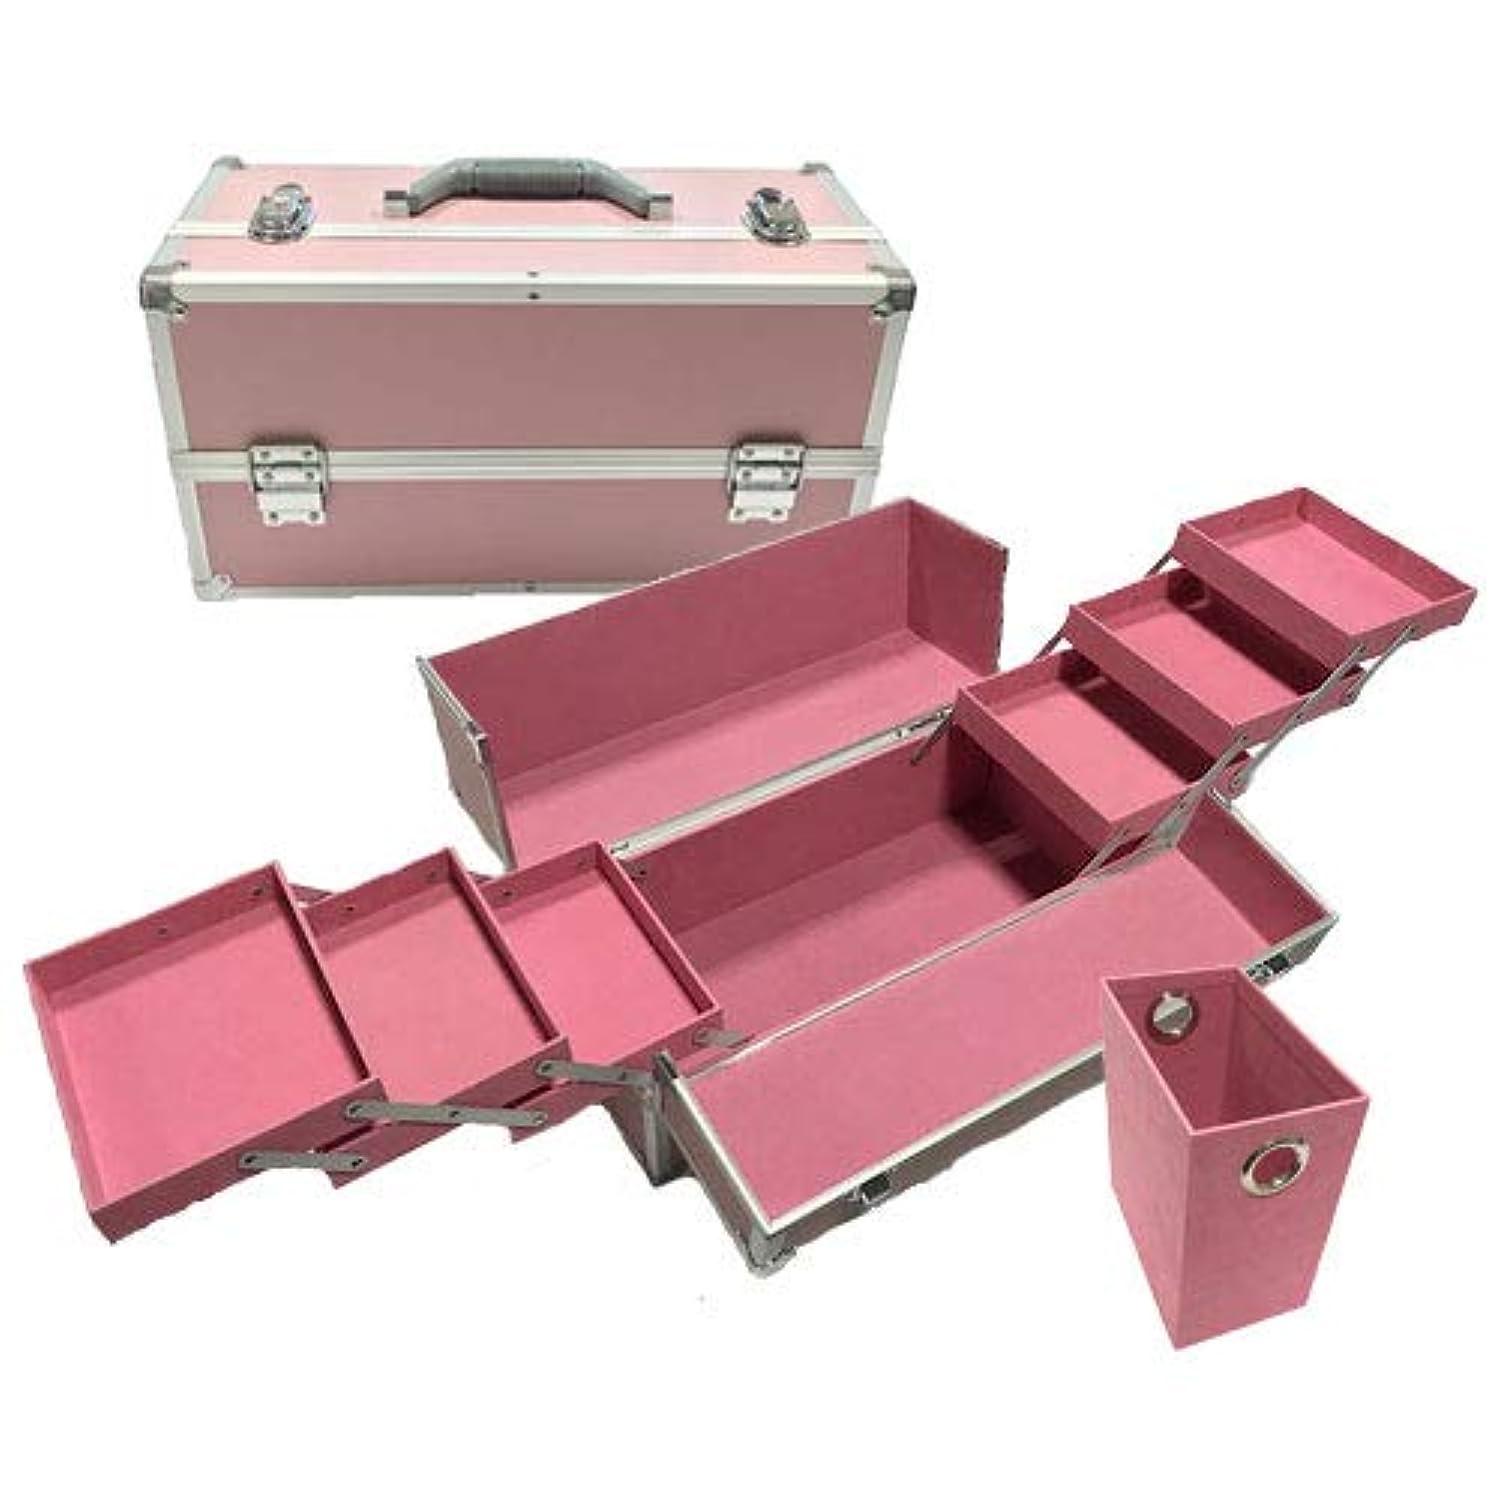 エレガントギネス記念リライアブル コスメボックス ワイド RB203-PP 鍵付き プロ仕様 メイクボックス 大容量 化粧品収納 小物入れ 6段トレー ベロア メイクケース コスメBOX 持ち運び ネイルケース